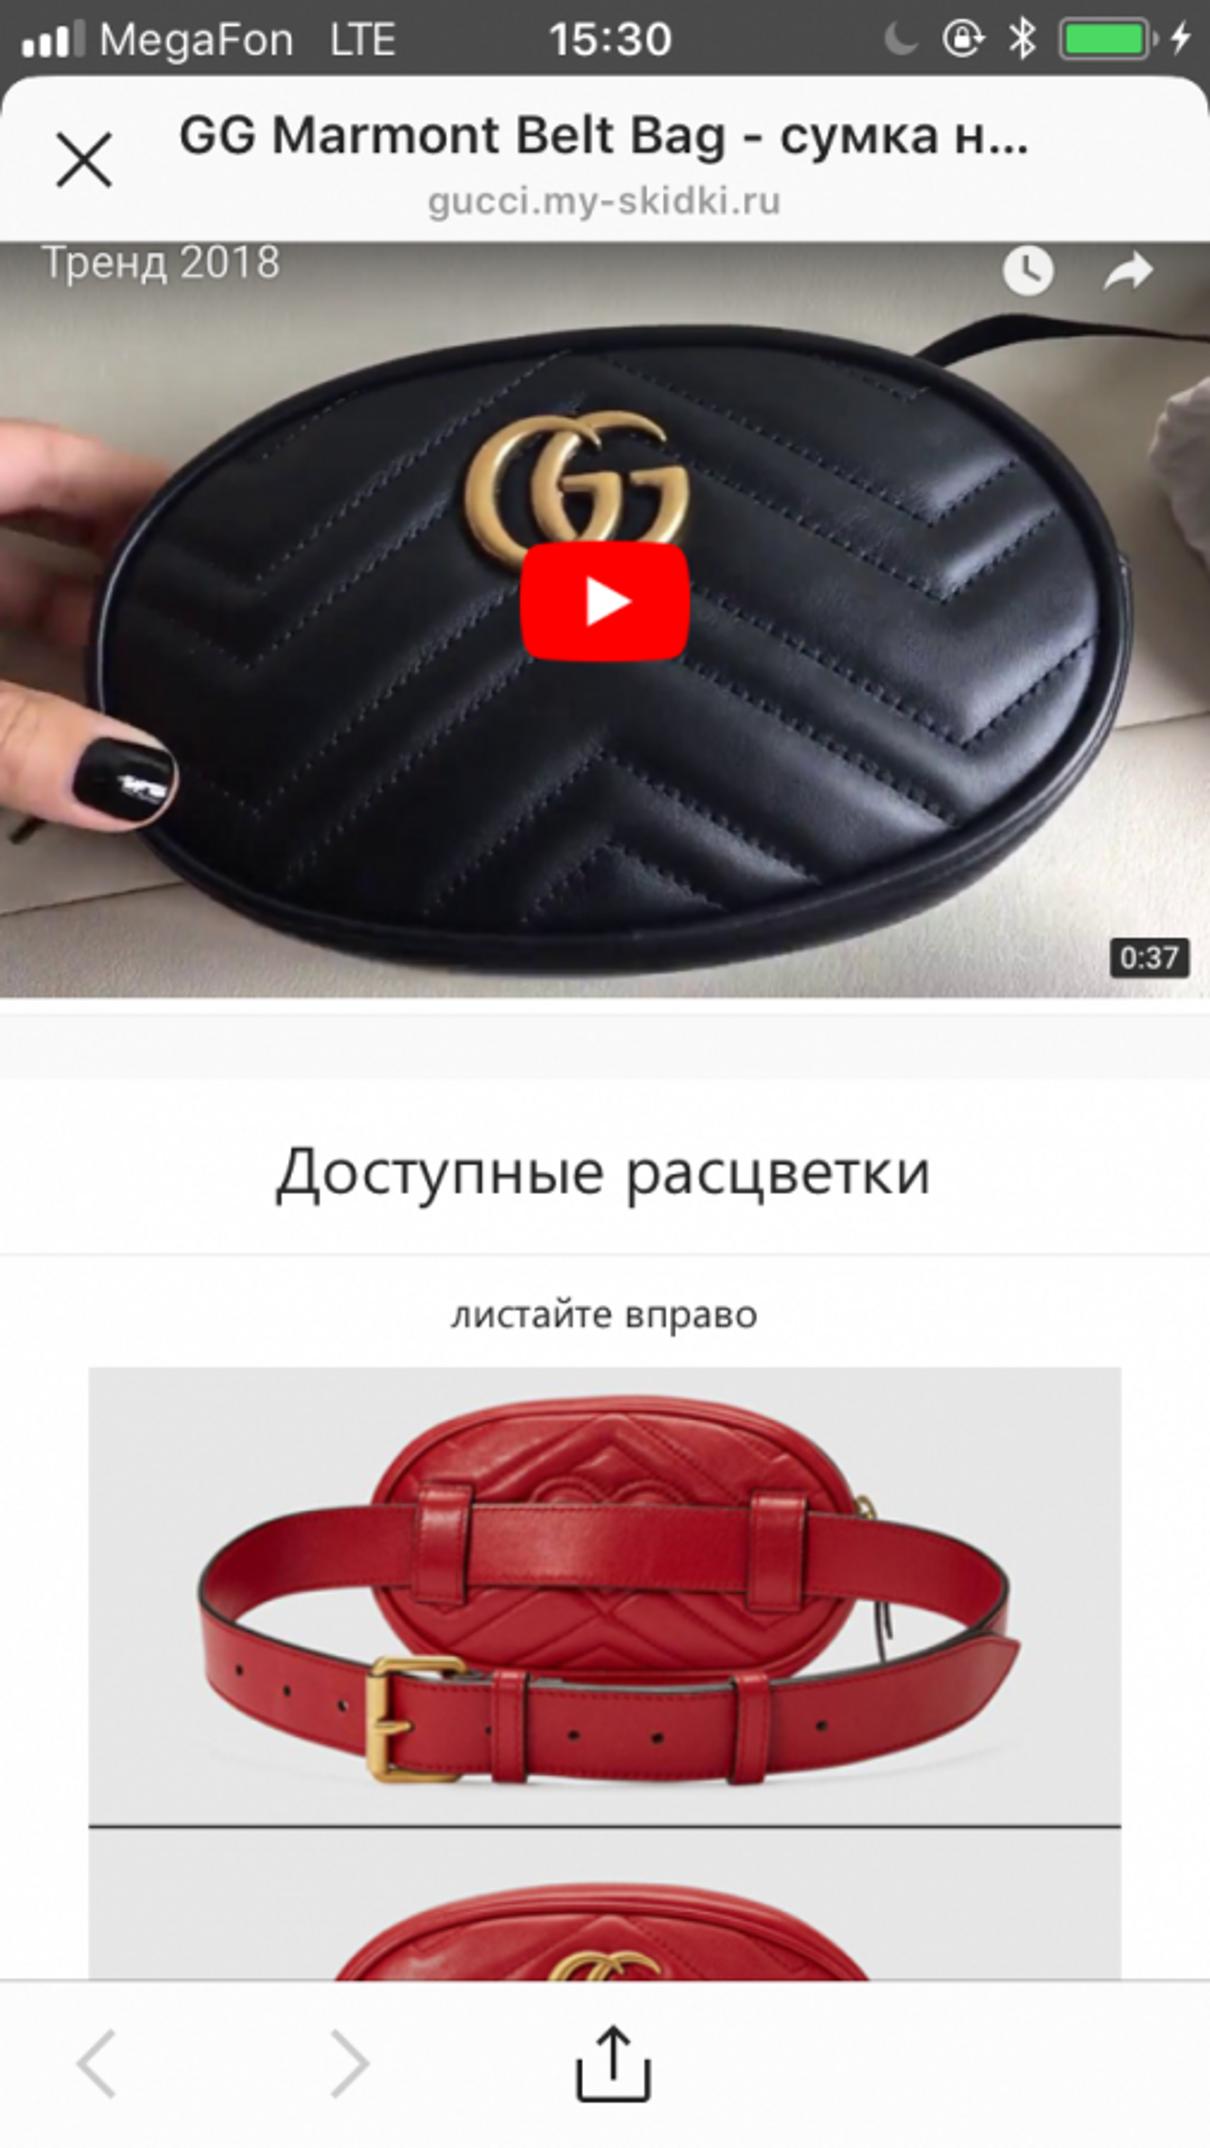 Жалоба-отзыв: Gucci.my-skidki.ru - Не те сумки отправили!!!.  Фото №1